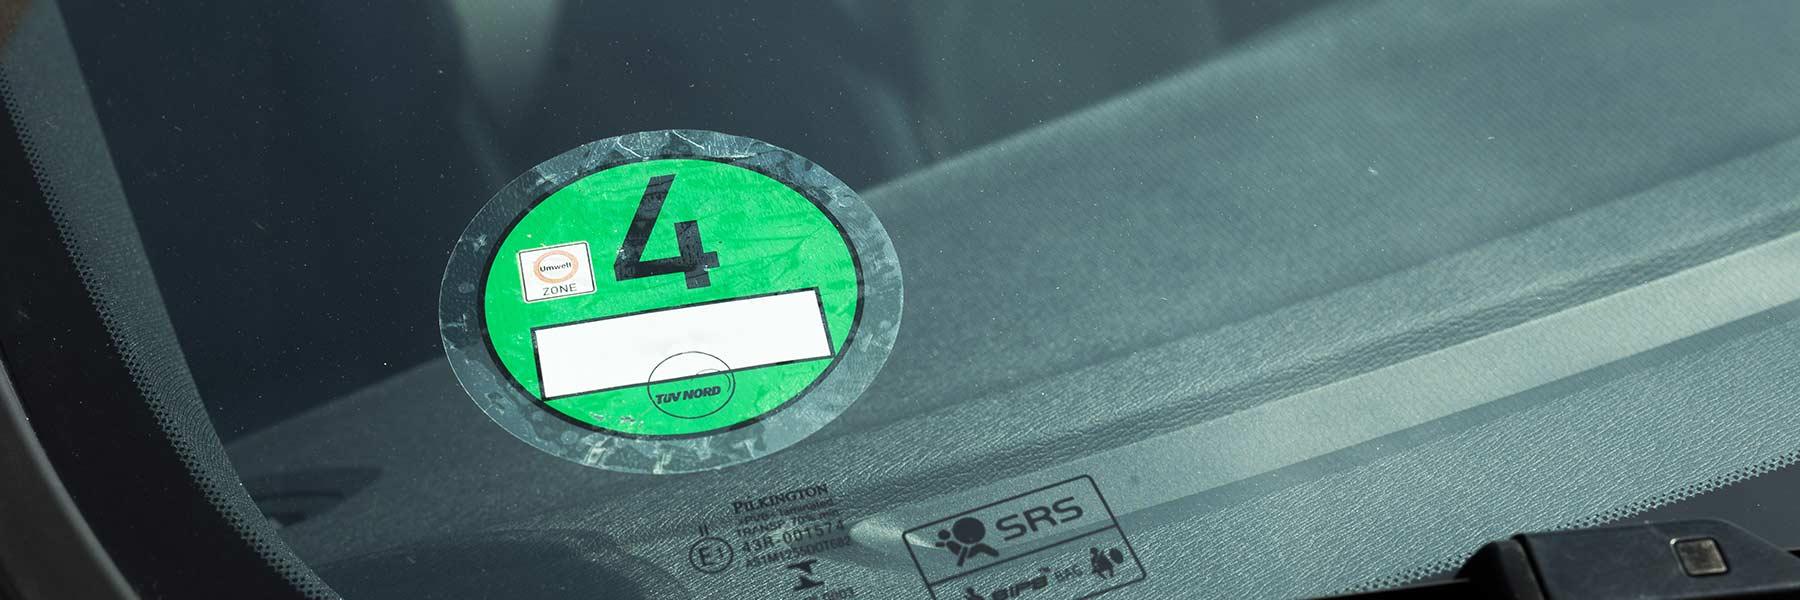 Milieusticker Duitsland - Keuring voertuigen | TÜV Nederland